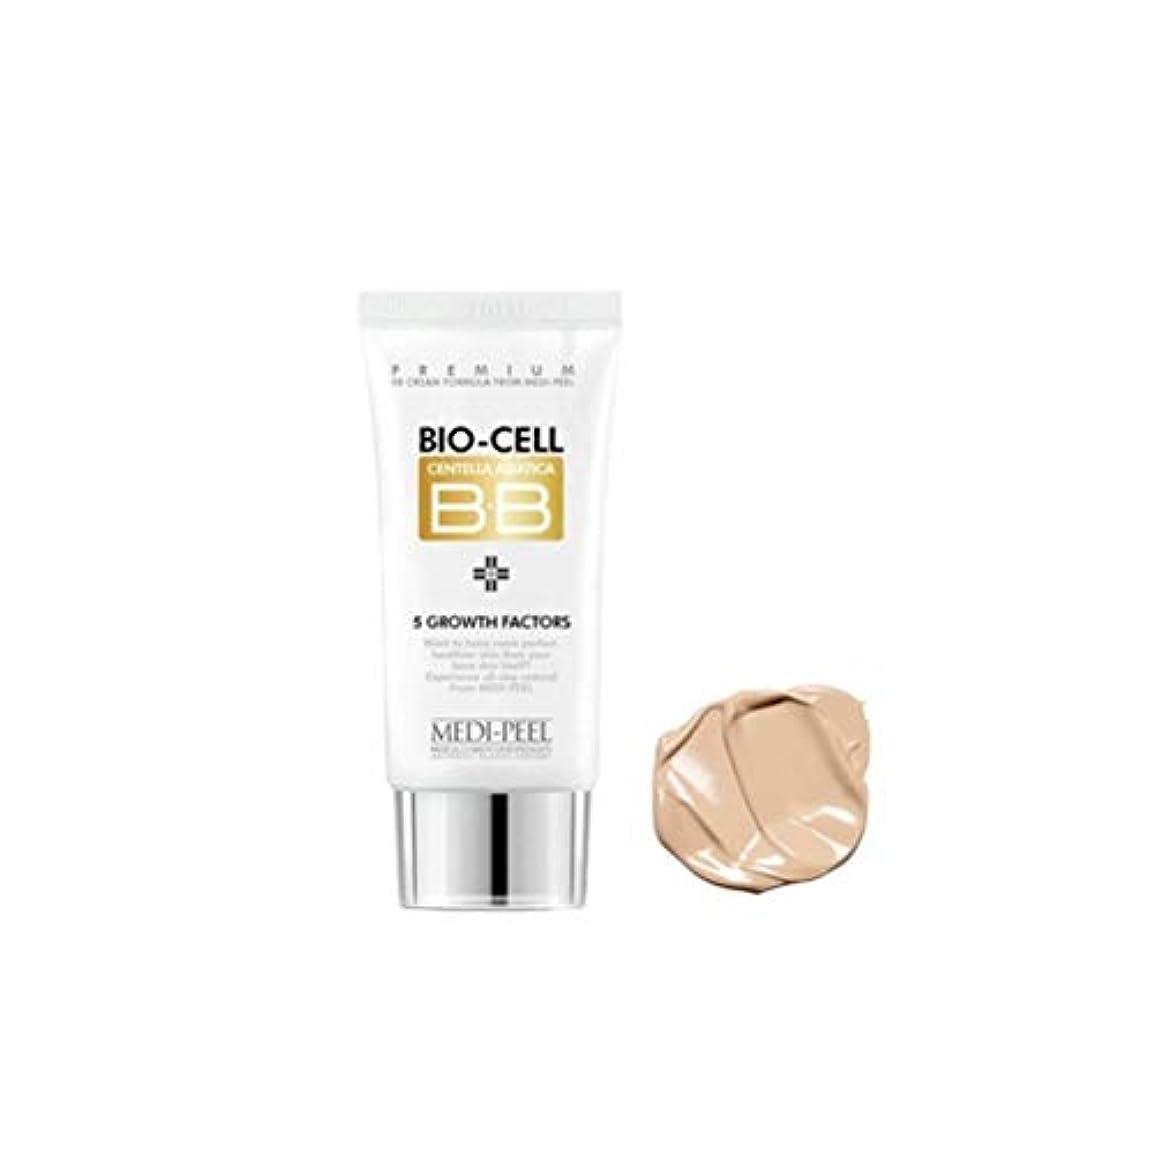 乱雑な落胆させるはさみ[Medi-Peel] メディピール バイオセル BBクリーム 50ml. [美.白?シワ.改善2重機能性化粧品] Medi-Peel Bio-cell BB Cream 50ml.